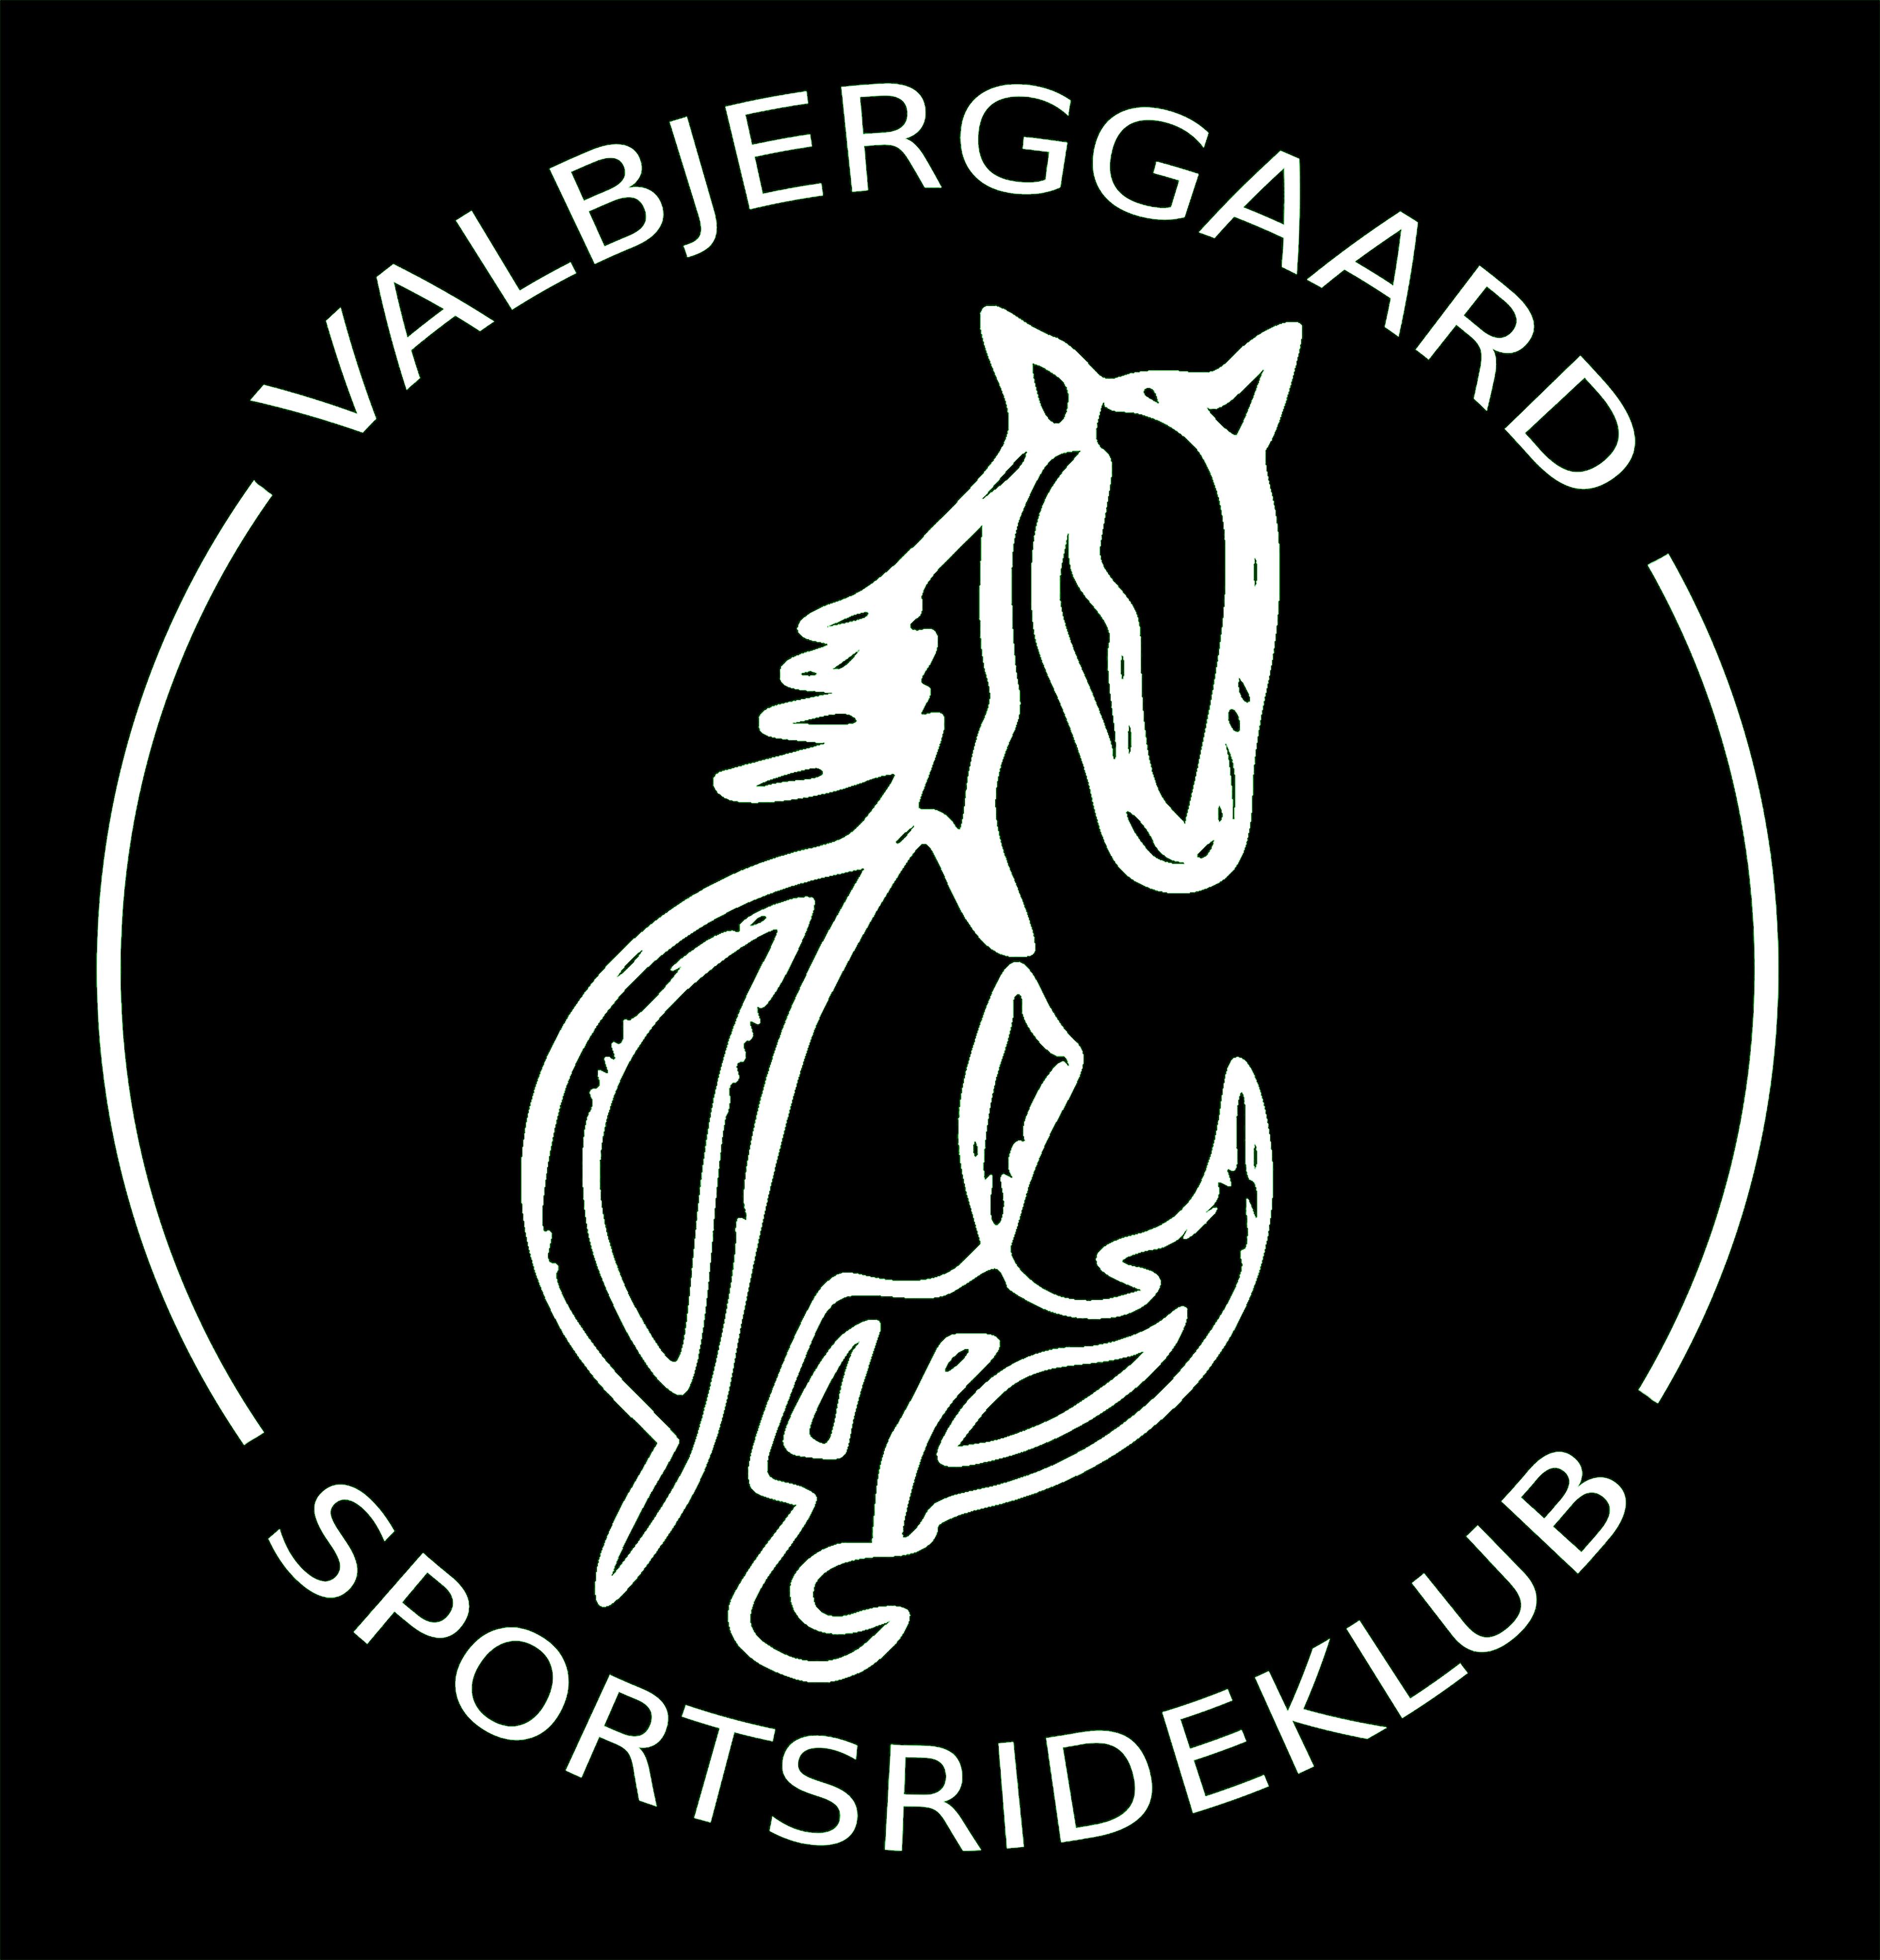 Valbjerggaard Sportsrideklub VASK